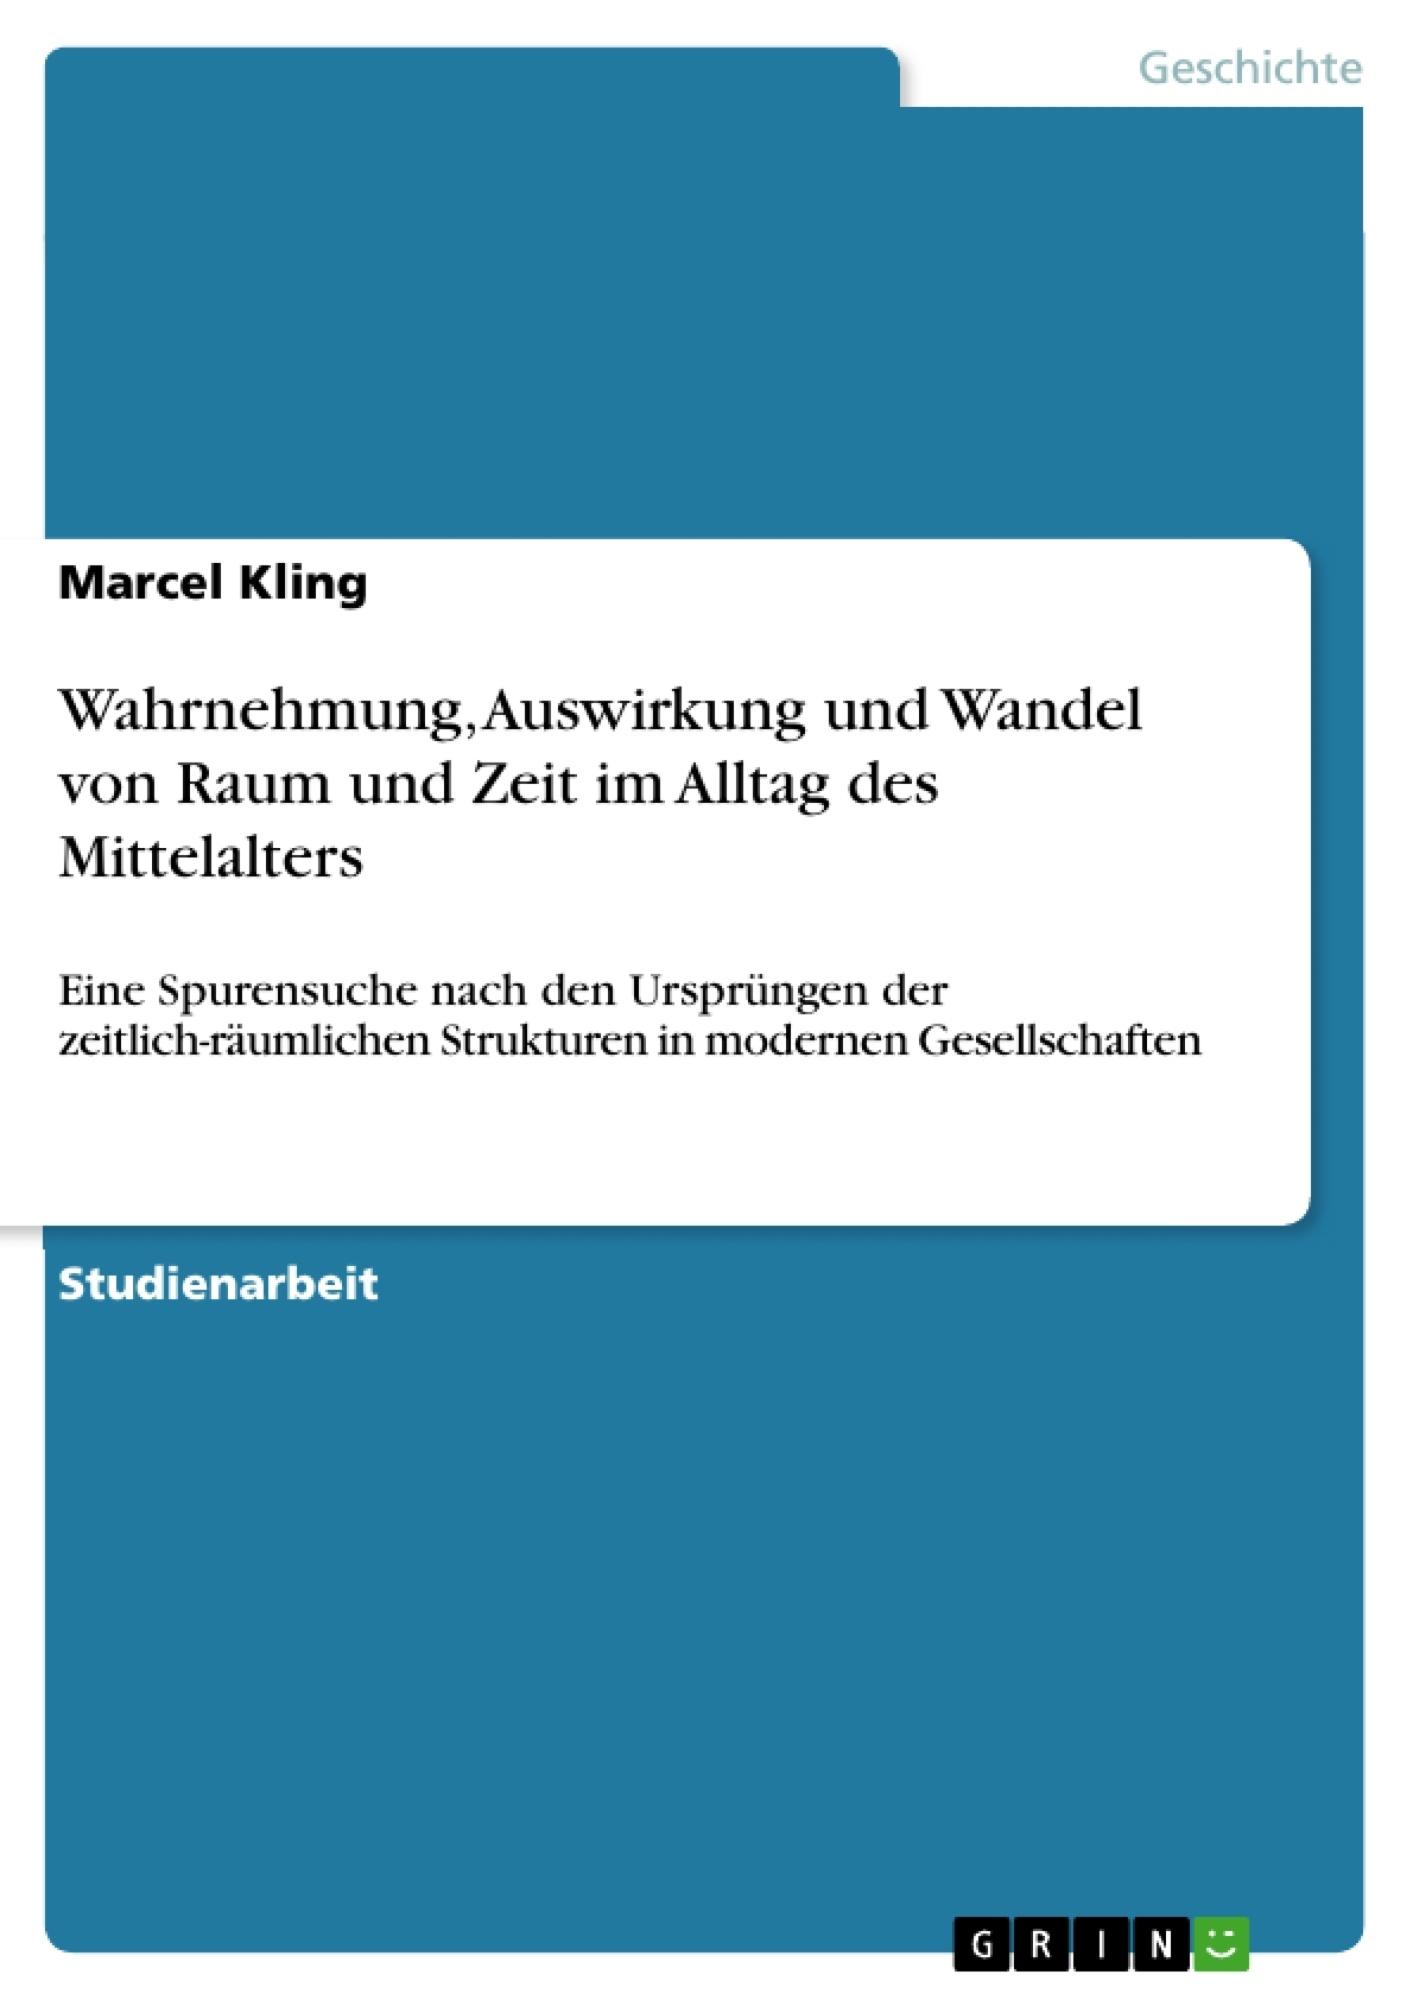 Titel: Wahrnehmung, Auswirkung und Wandel von Raum und Zeit im Alltag des Mittelalters